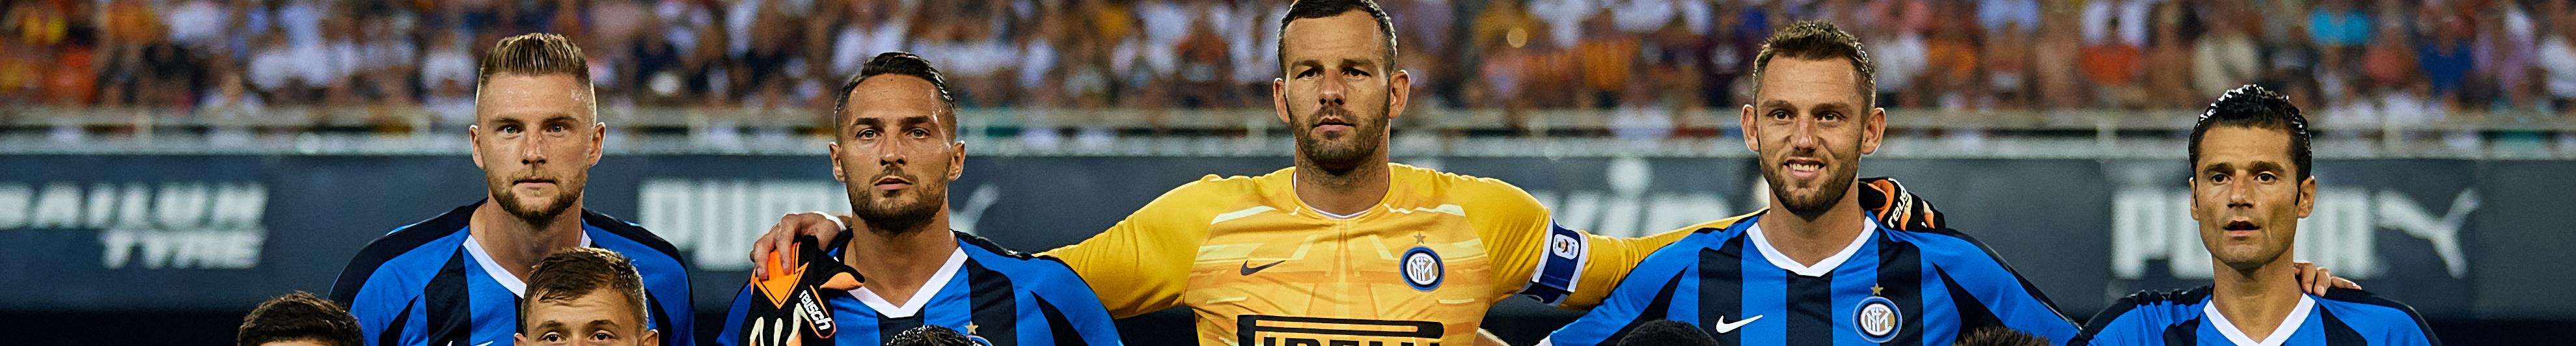 Ίντερ - Λέτσε: Πρεμιέρα οι νερατζούρι στη φετινή Serie A!